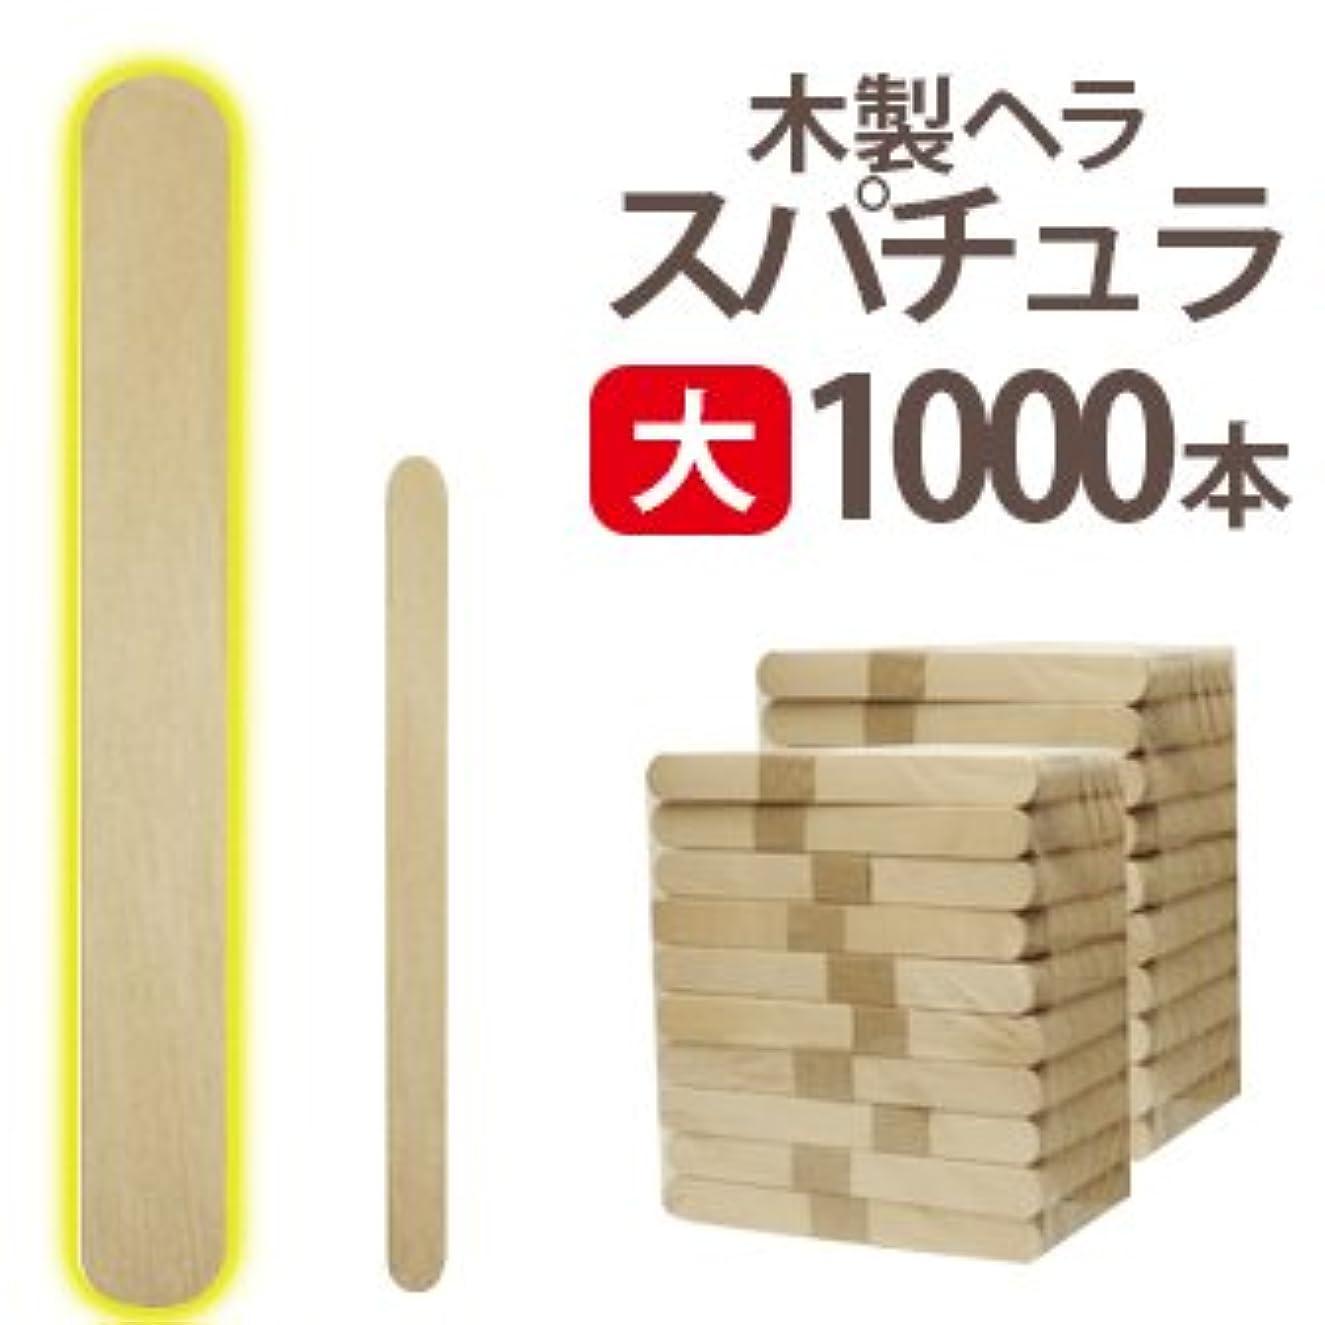 絶妙無効にする鋸歯状大 ブラジリアンワックス 業務用1000本 スパチュラ Aタイプ(個別梱包なし 150×16)